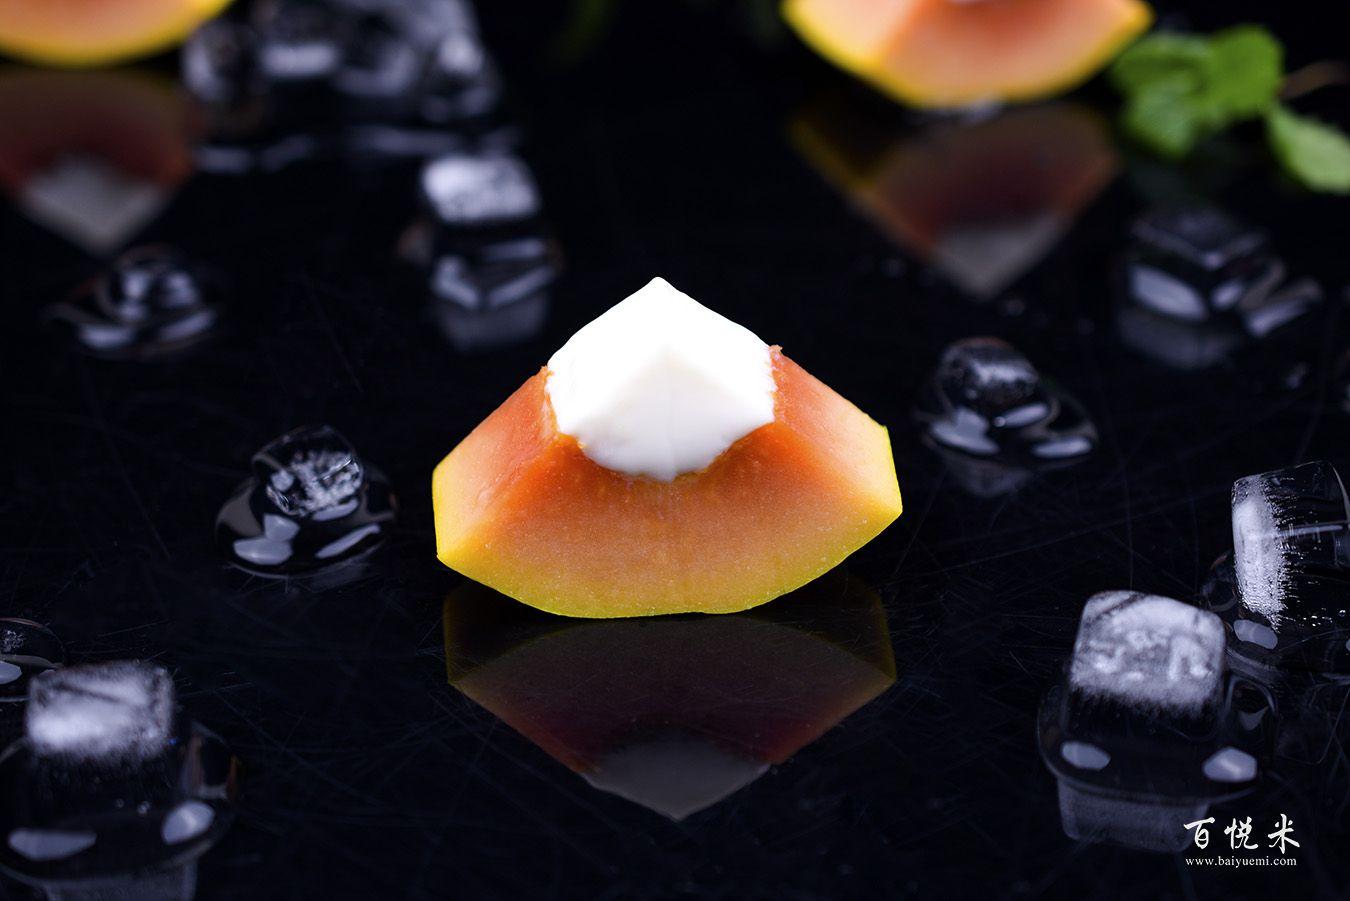 木瓜奶冻高清图片大全【蛋糕图片】